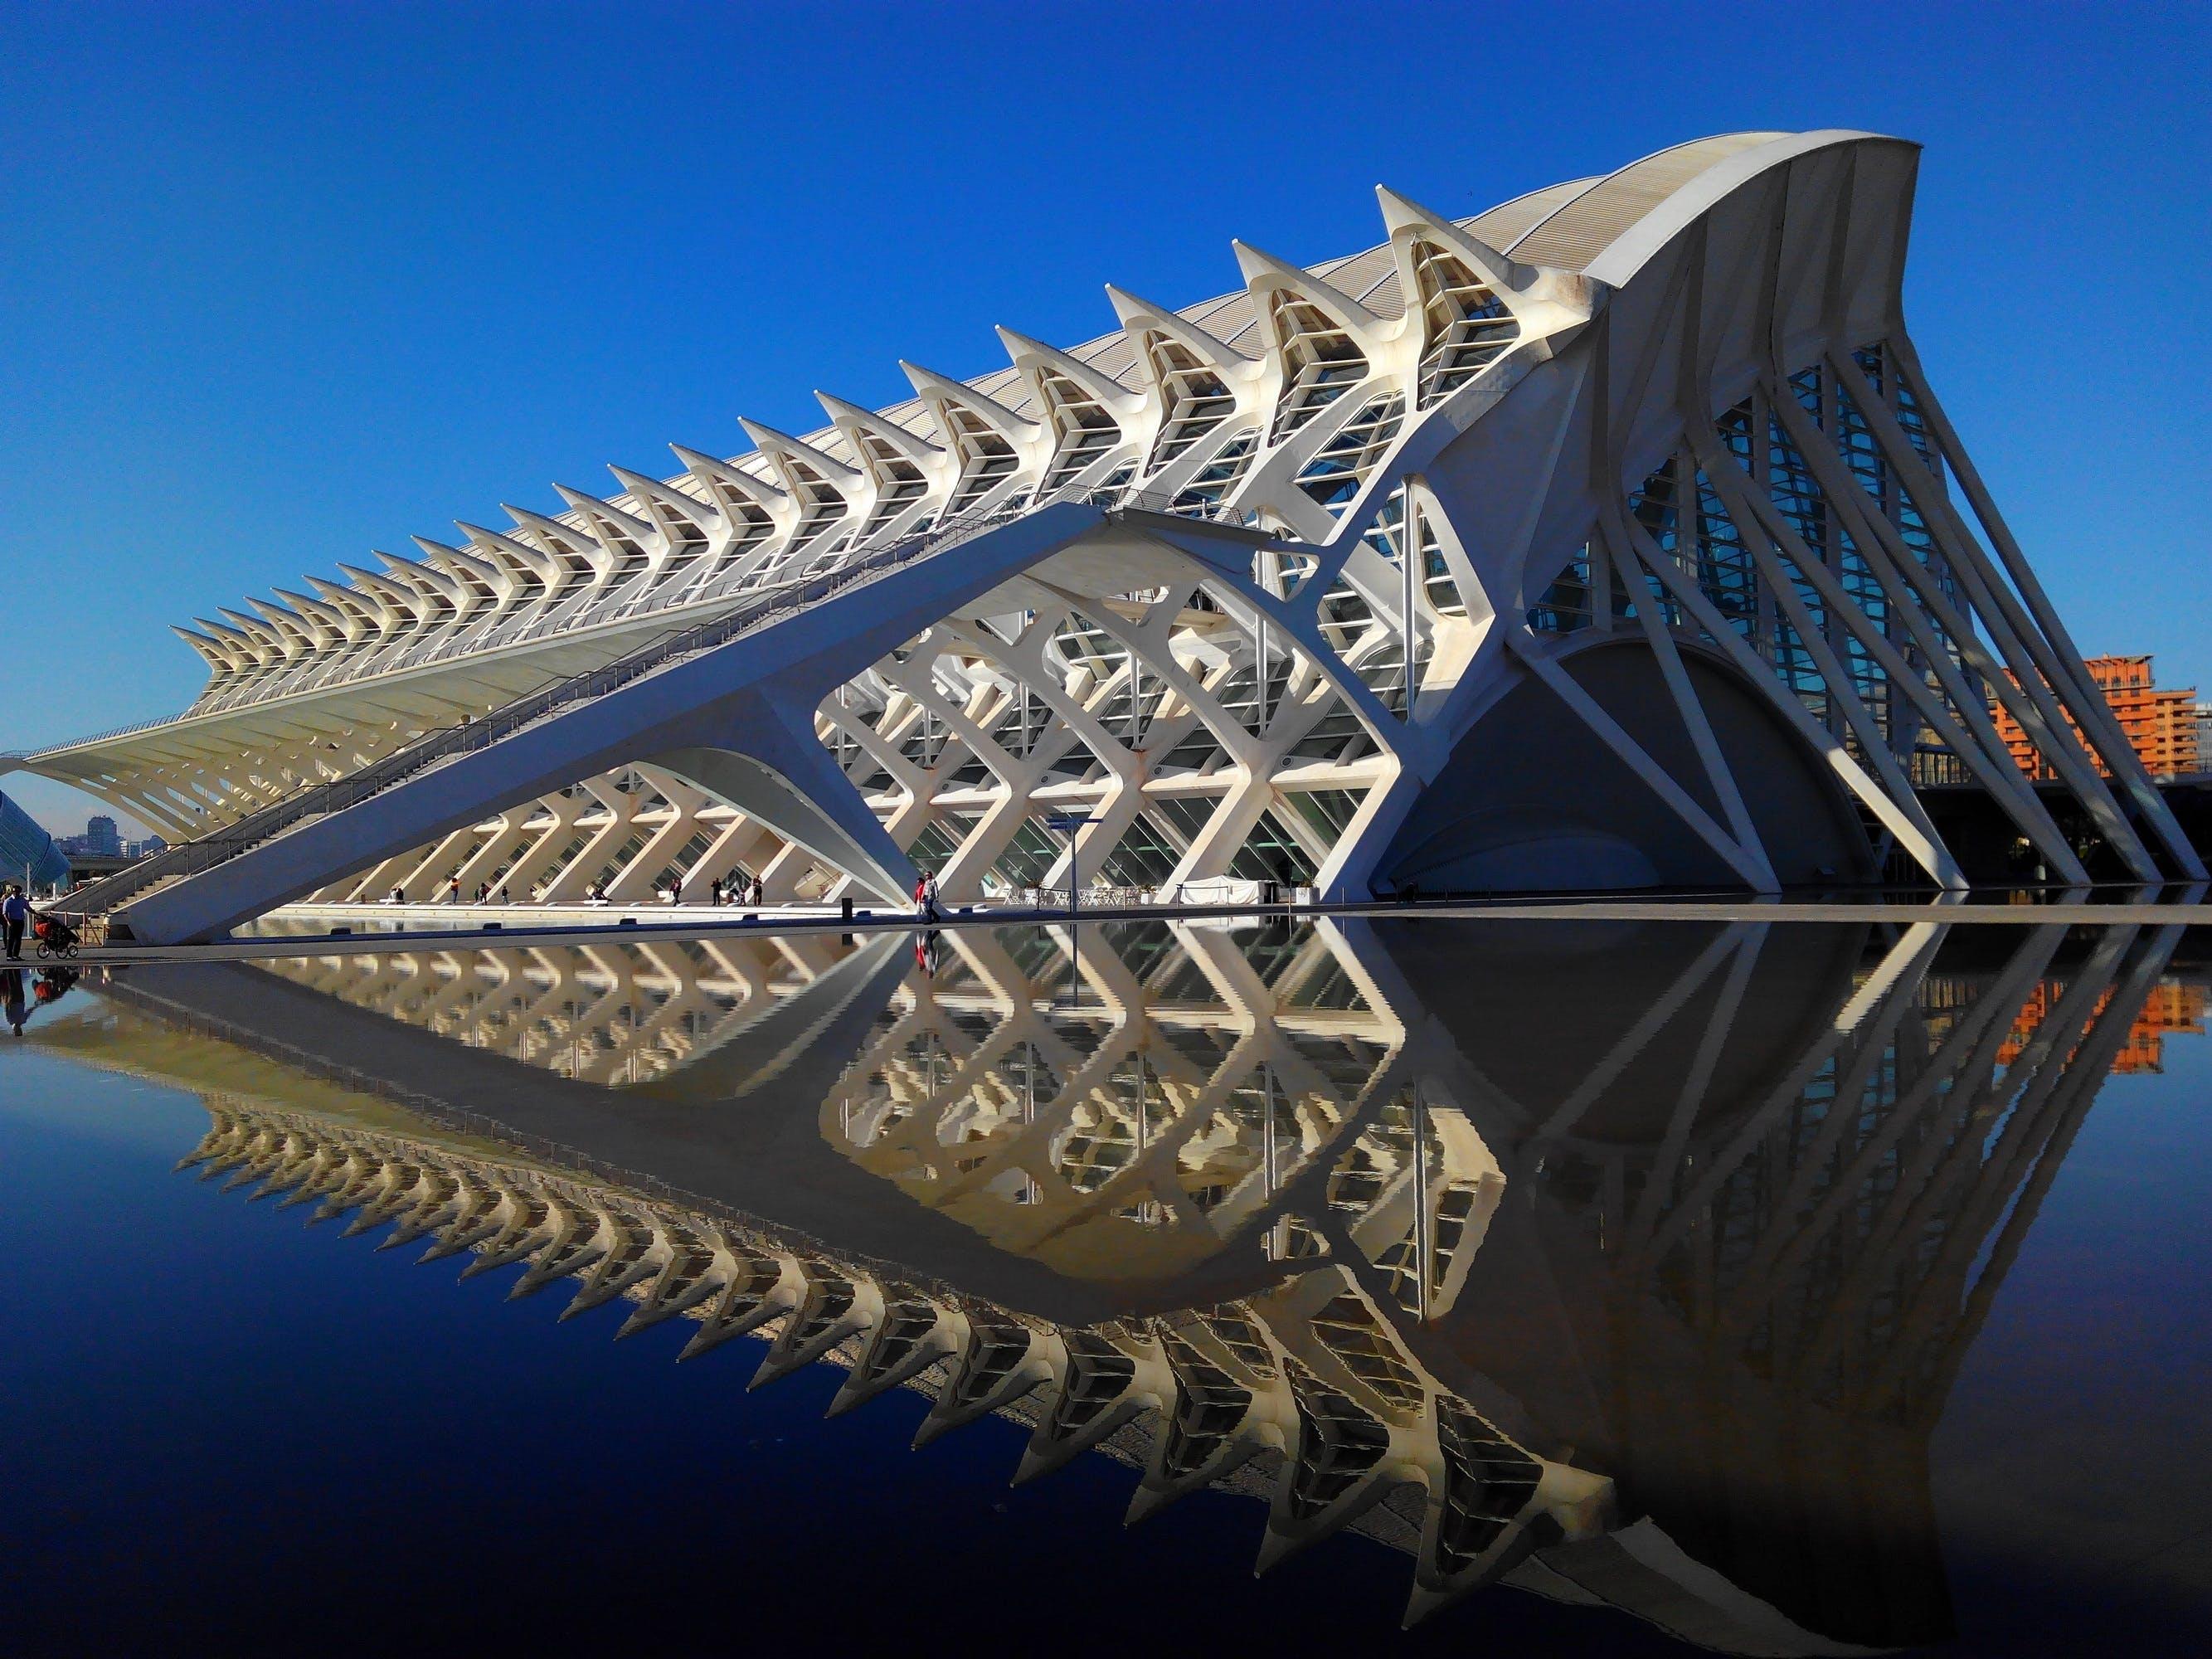 architectural design, architecture, blue